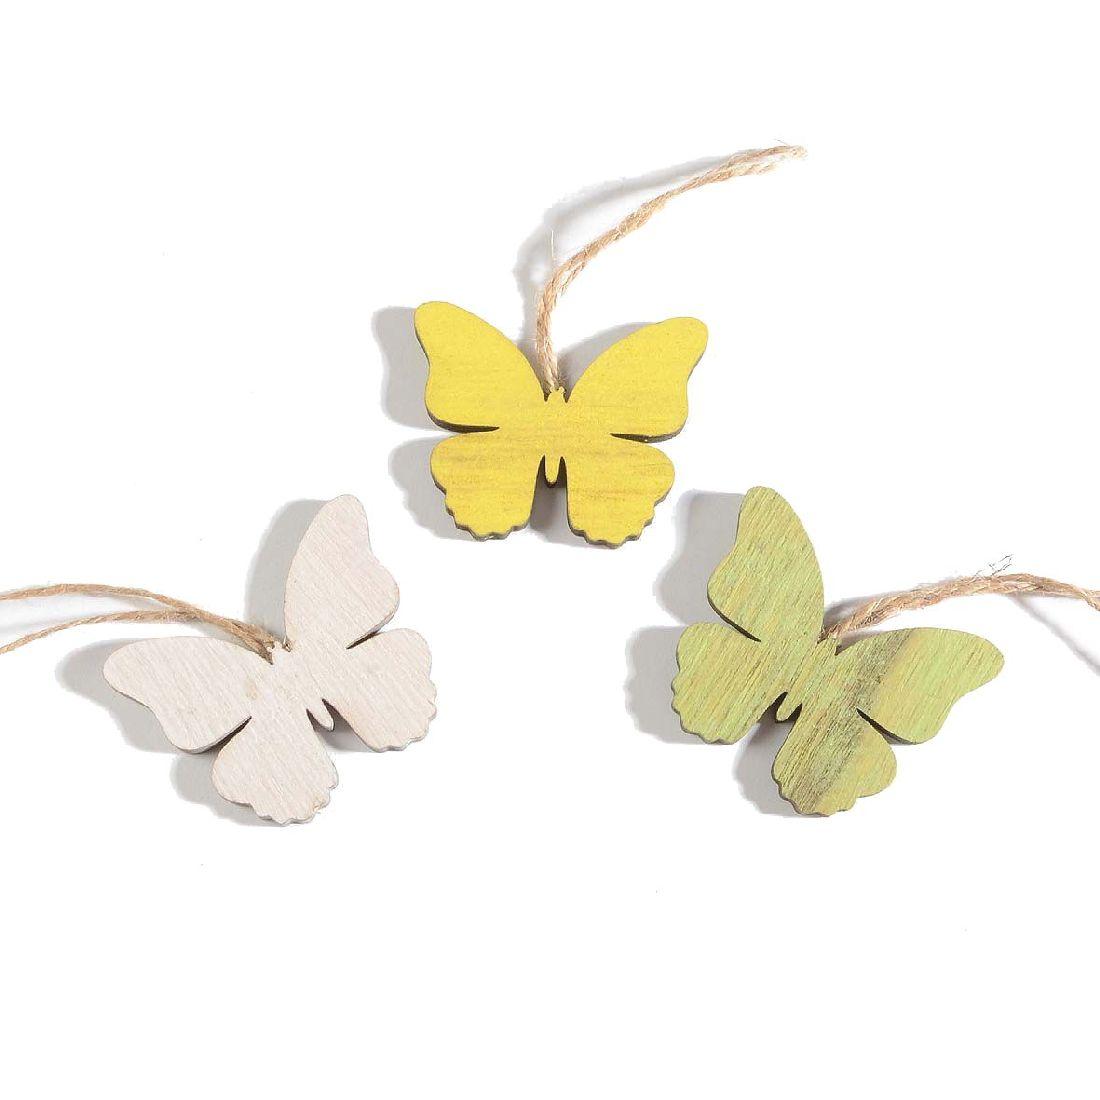 Hänger Swiff GELB-WEISS-GRÜN 35154 3Farben Schmetterling 6x0,5x5cm Holz